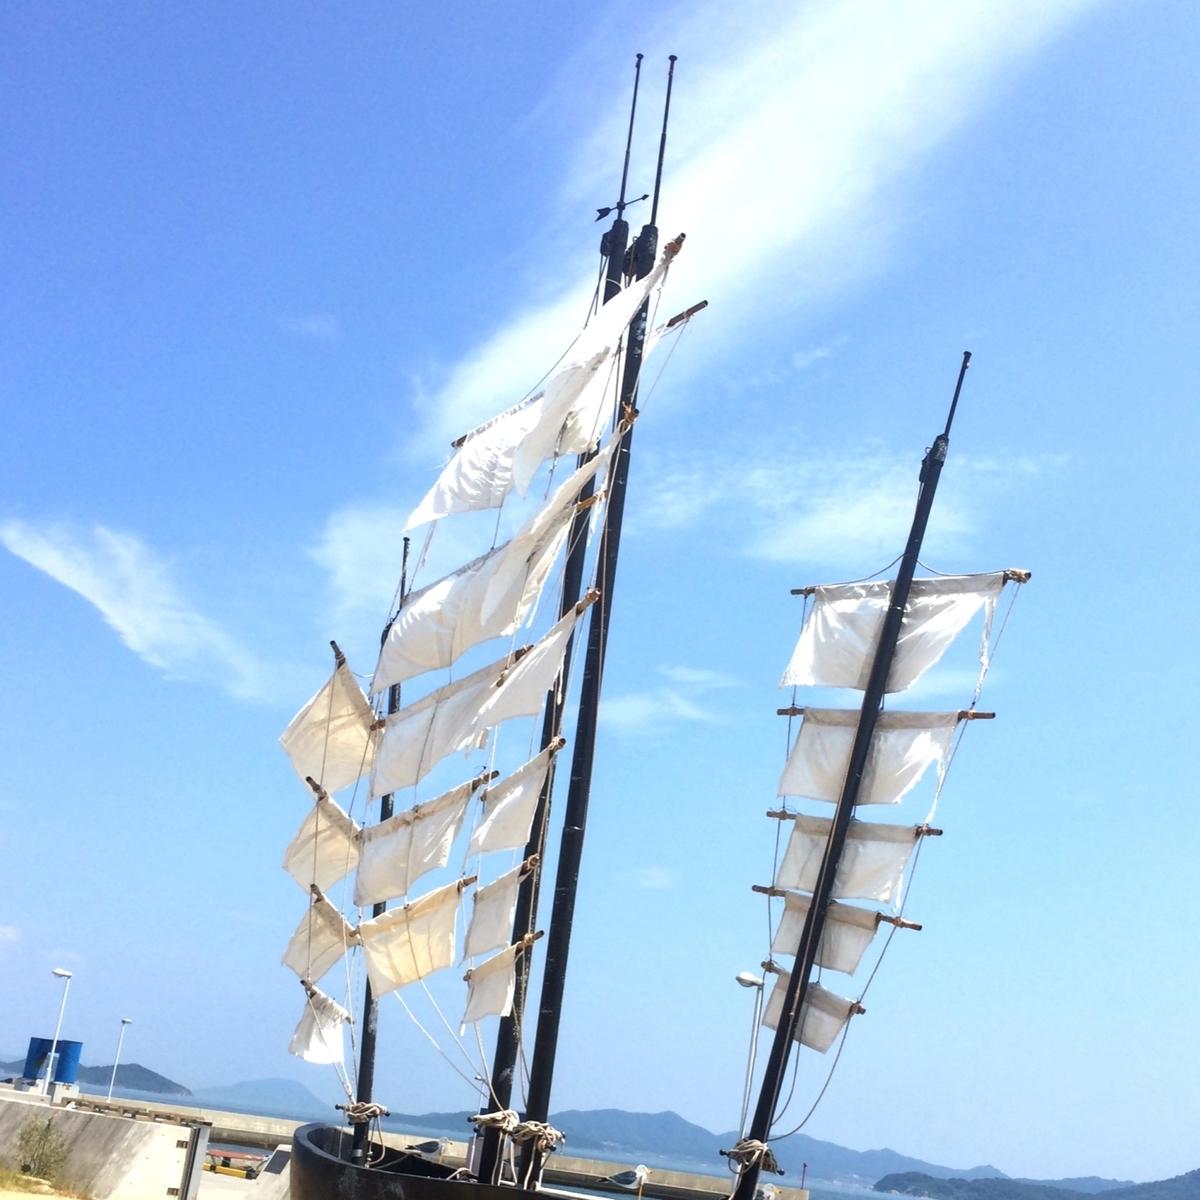 海賊船のマストのイメージ